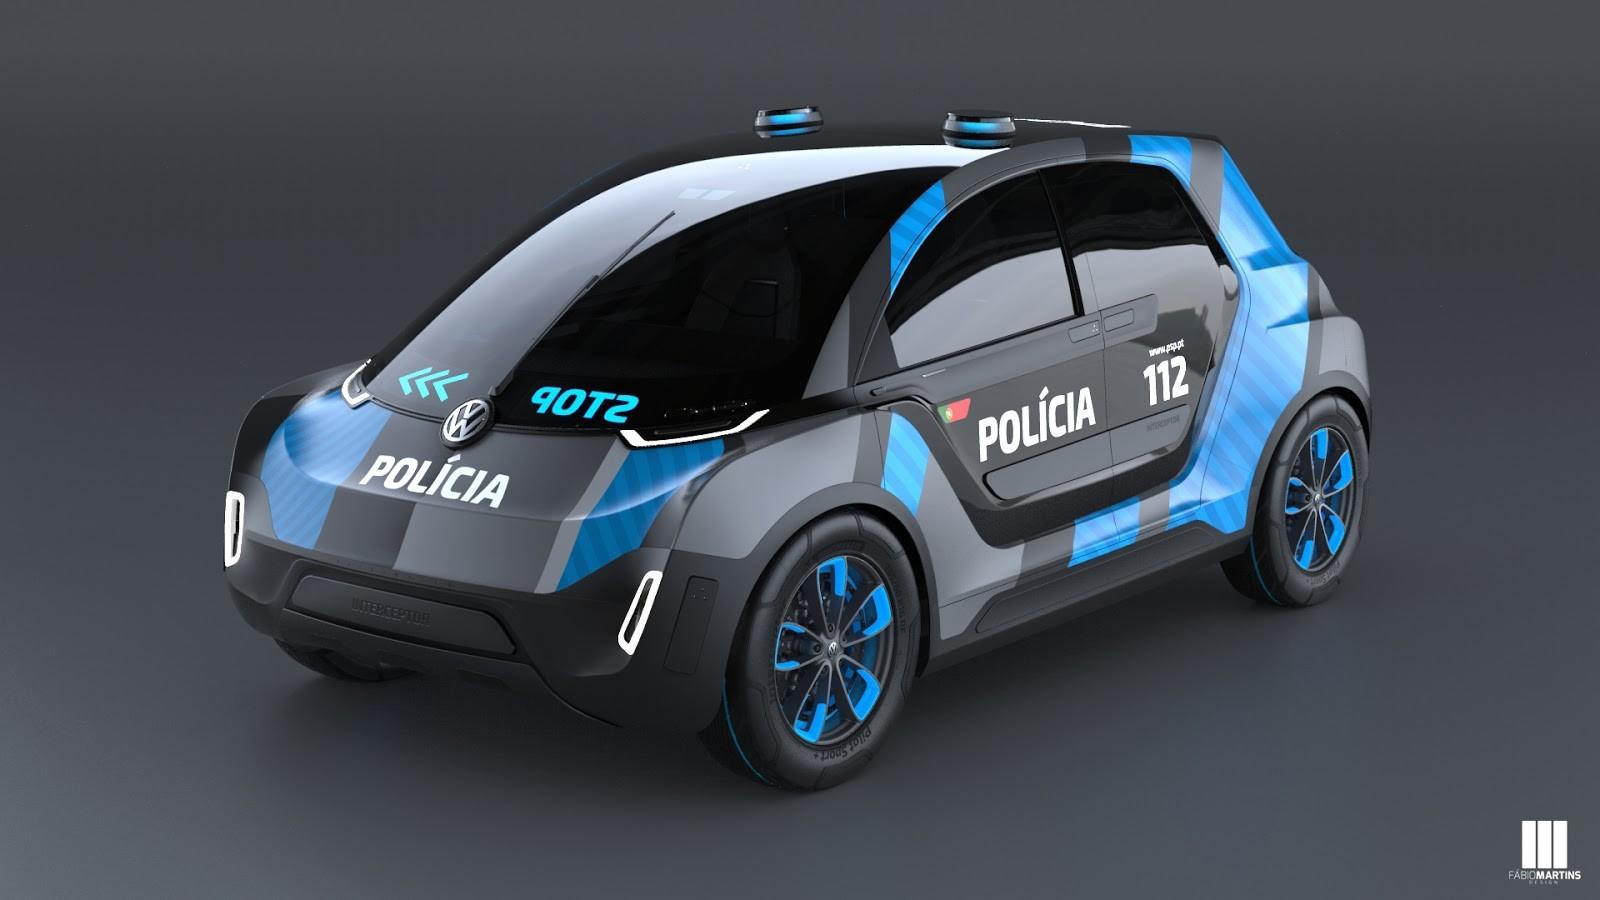 Фольксваген  Interceptor: Представлен хэтчбек для полицейских